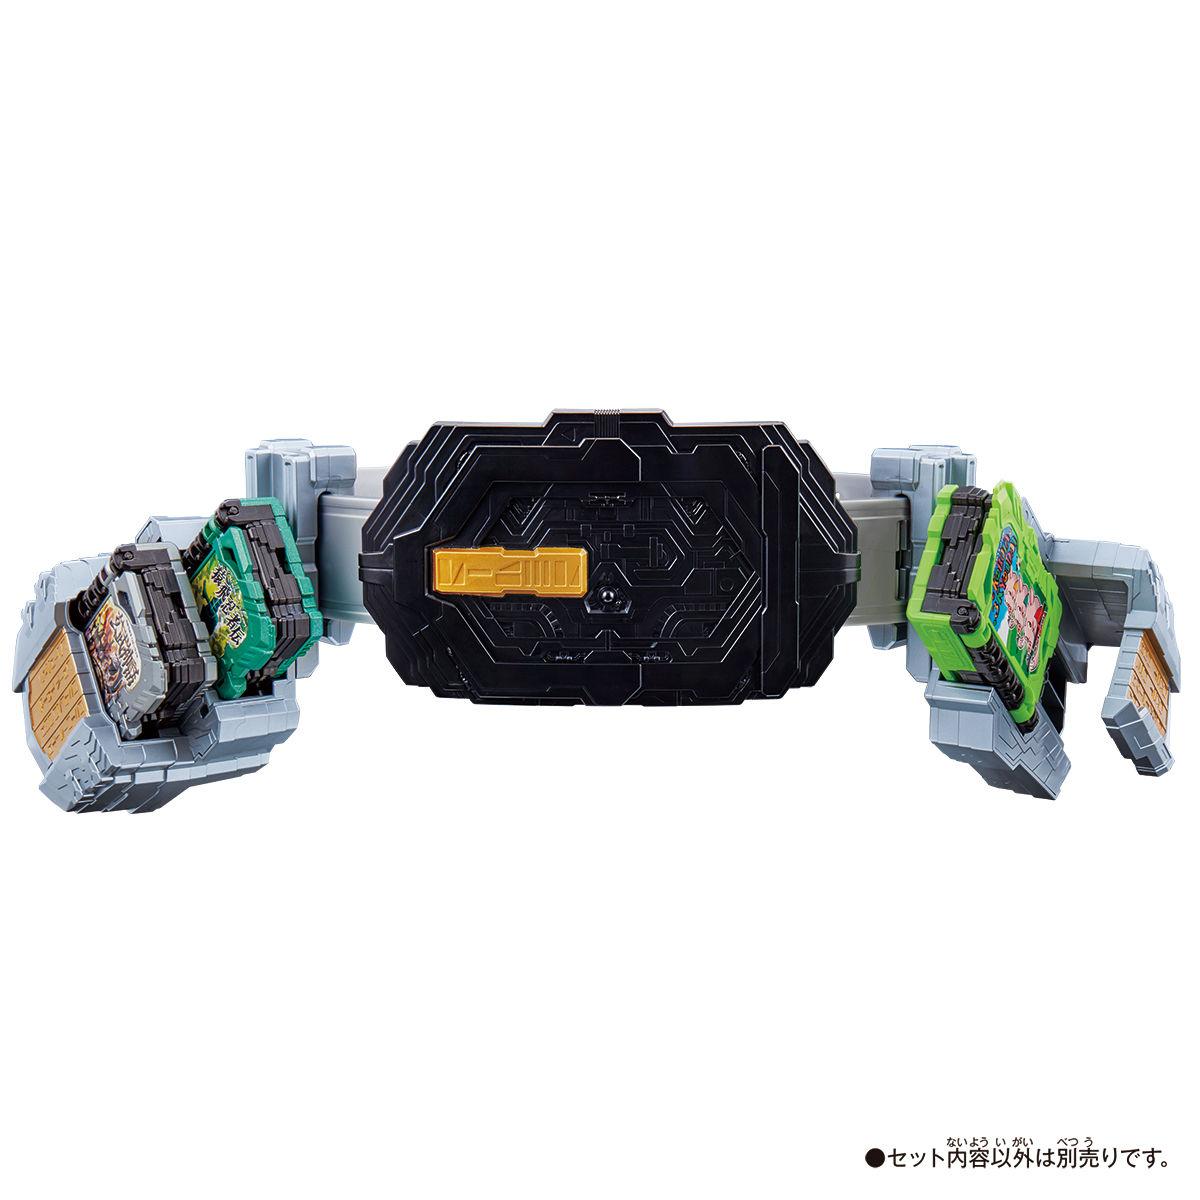 仮面ライダーセイバー『DXソードオブロゴスバックル&こぶた3兄弟ワンダーライドブック』変身なりきり-009